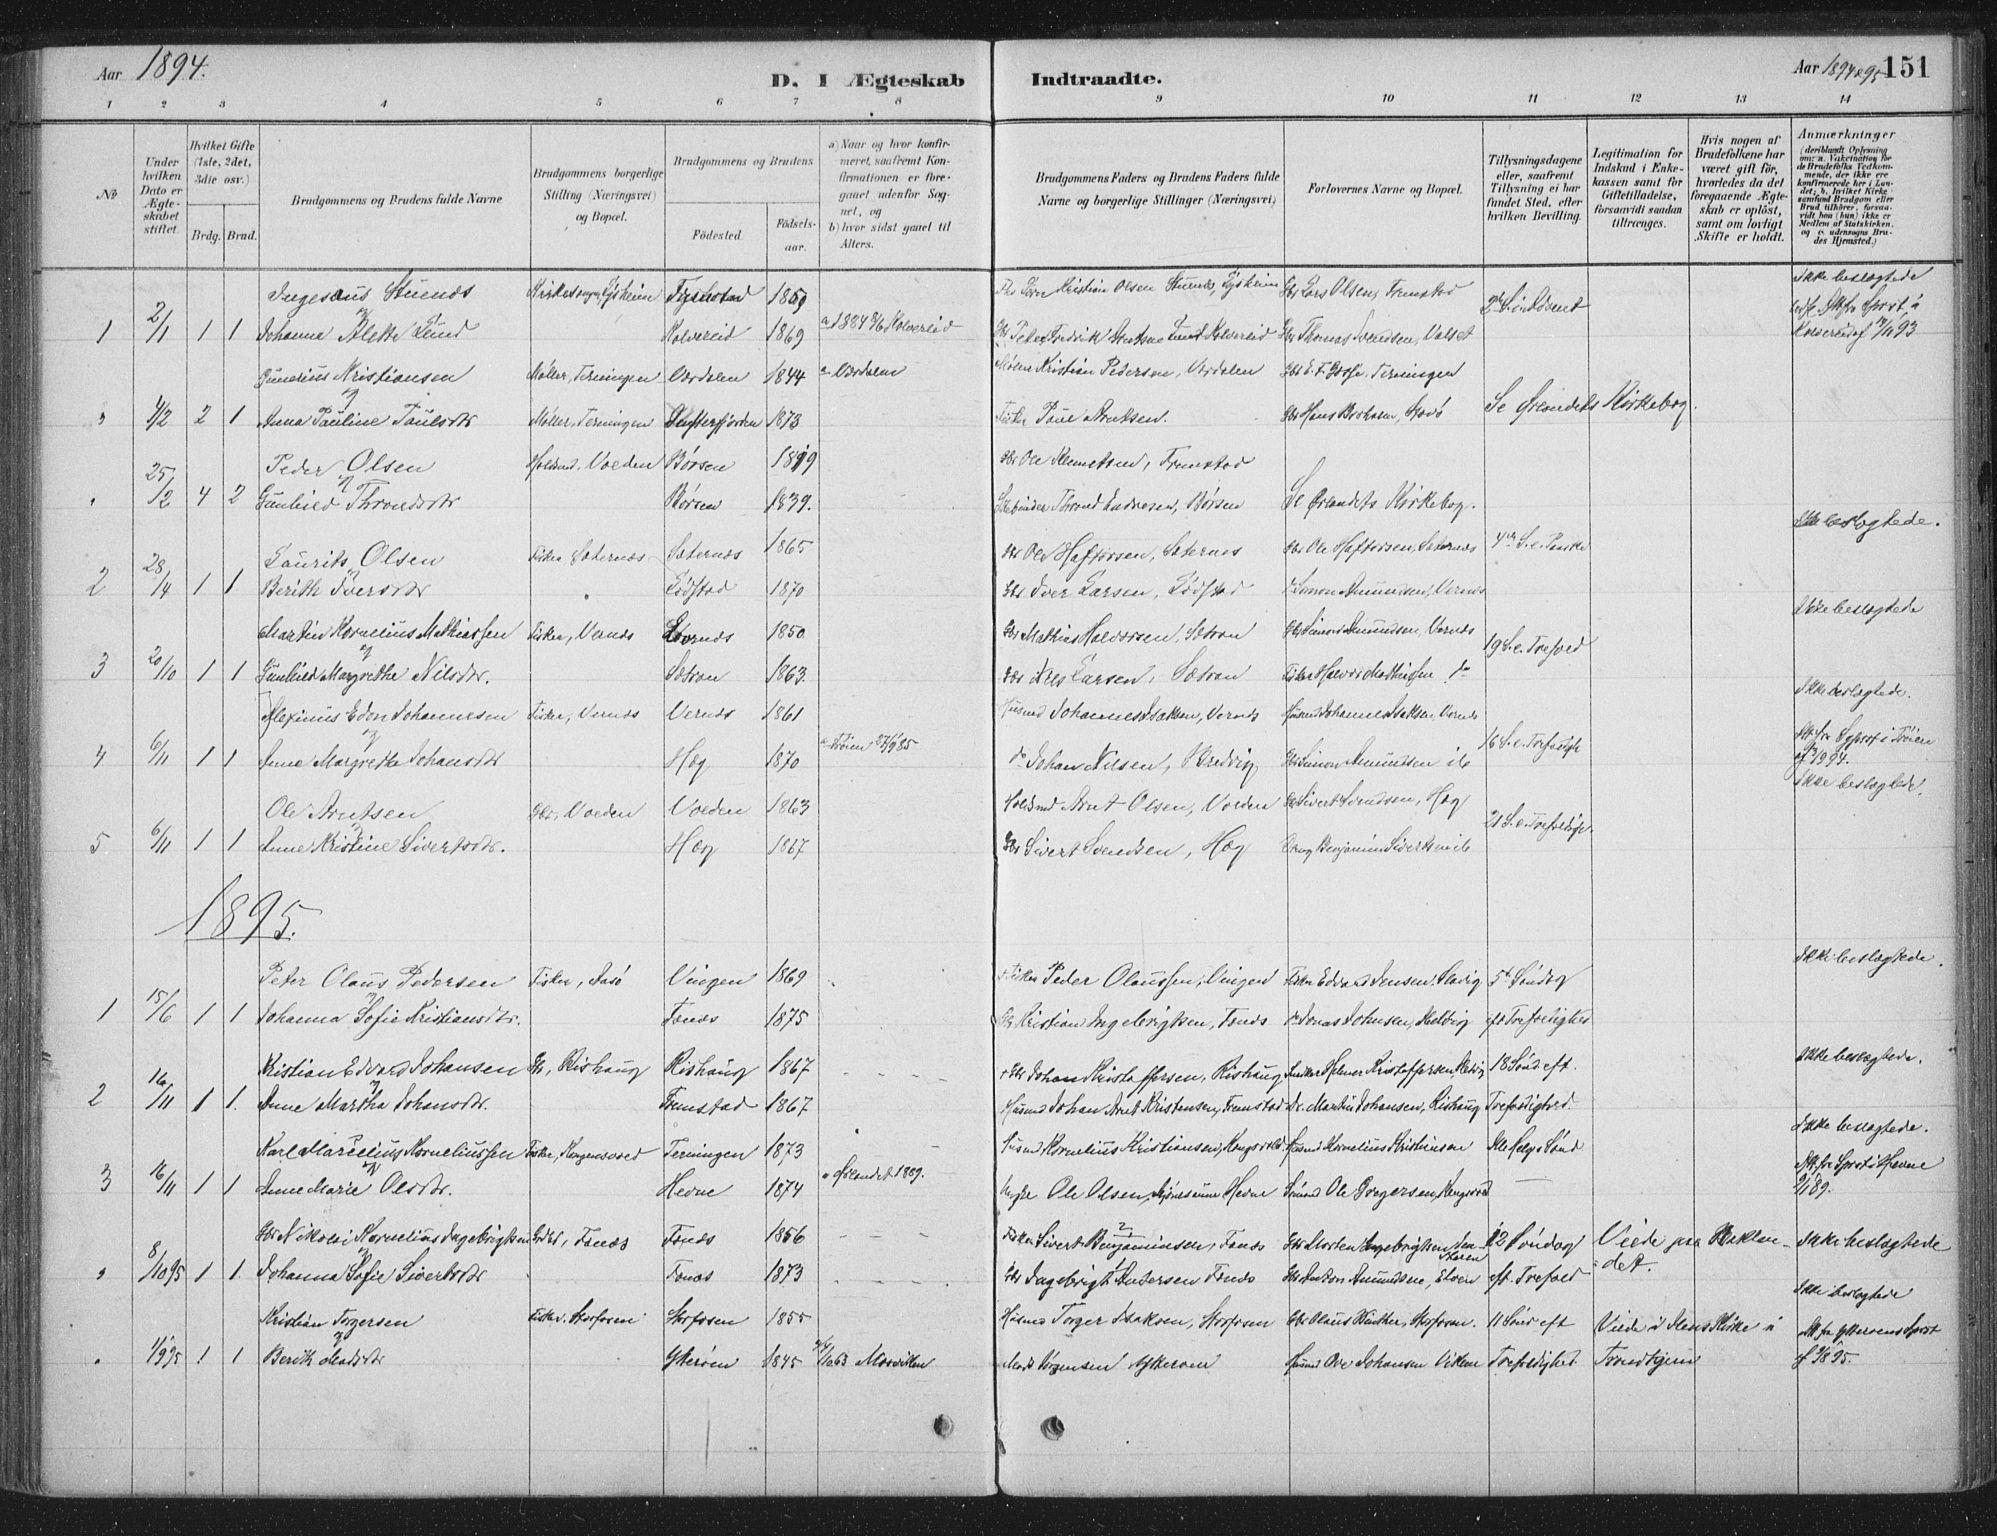 SAT, Ministerialprotokoller, klokkerbøker og fødselsregistre - Sør-Trøndelag, 662/L0755: Ministerialbok nr. 662A01, 1879-1905, s. 151